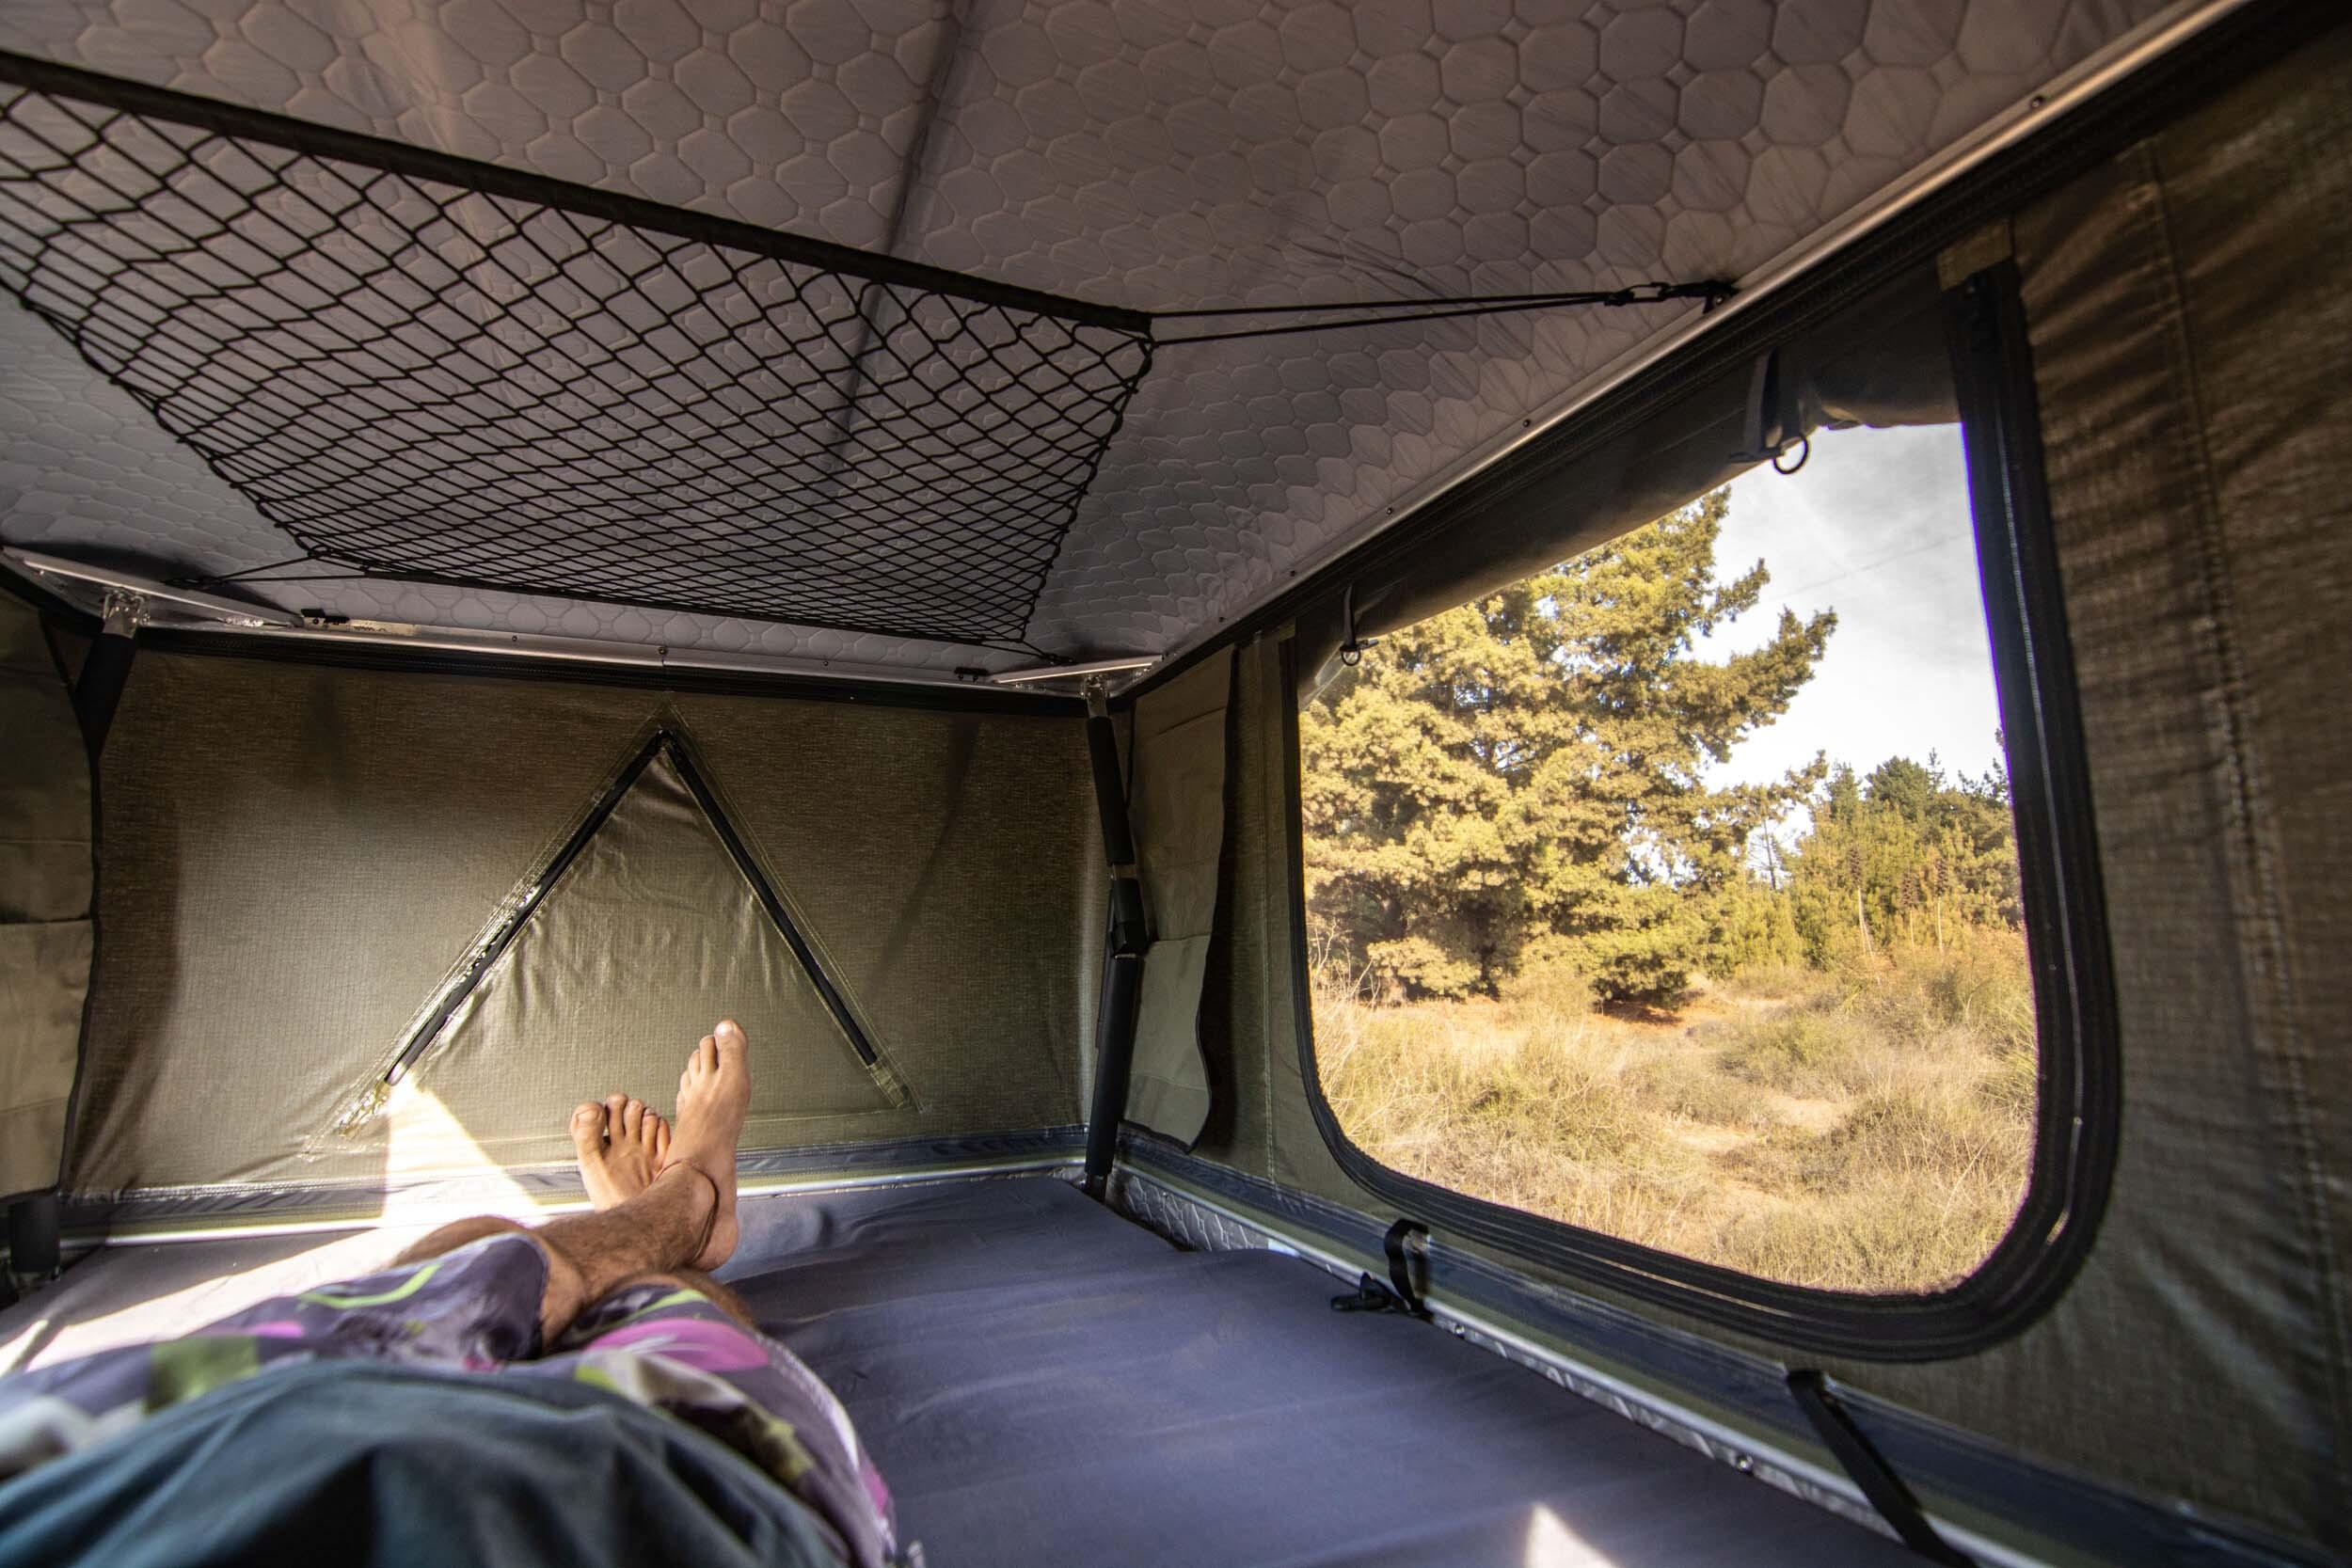 Espacio cómodo para 3 personas en la carpa nómade